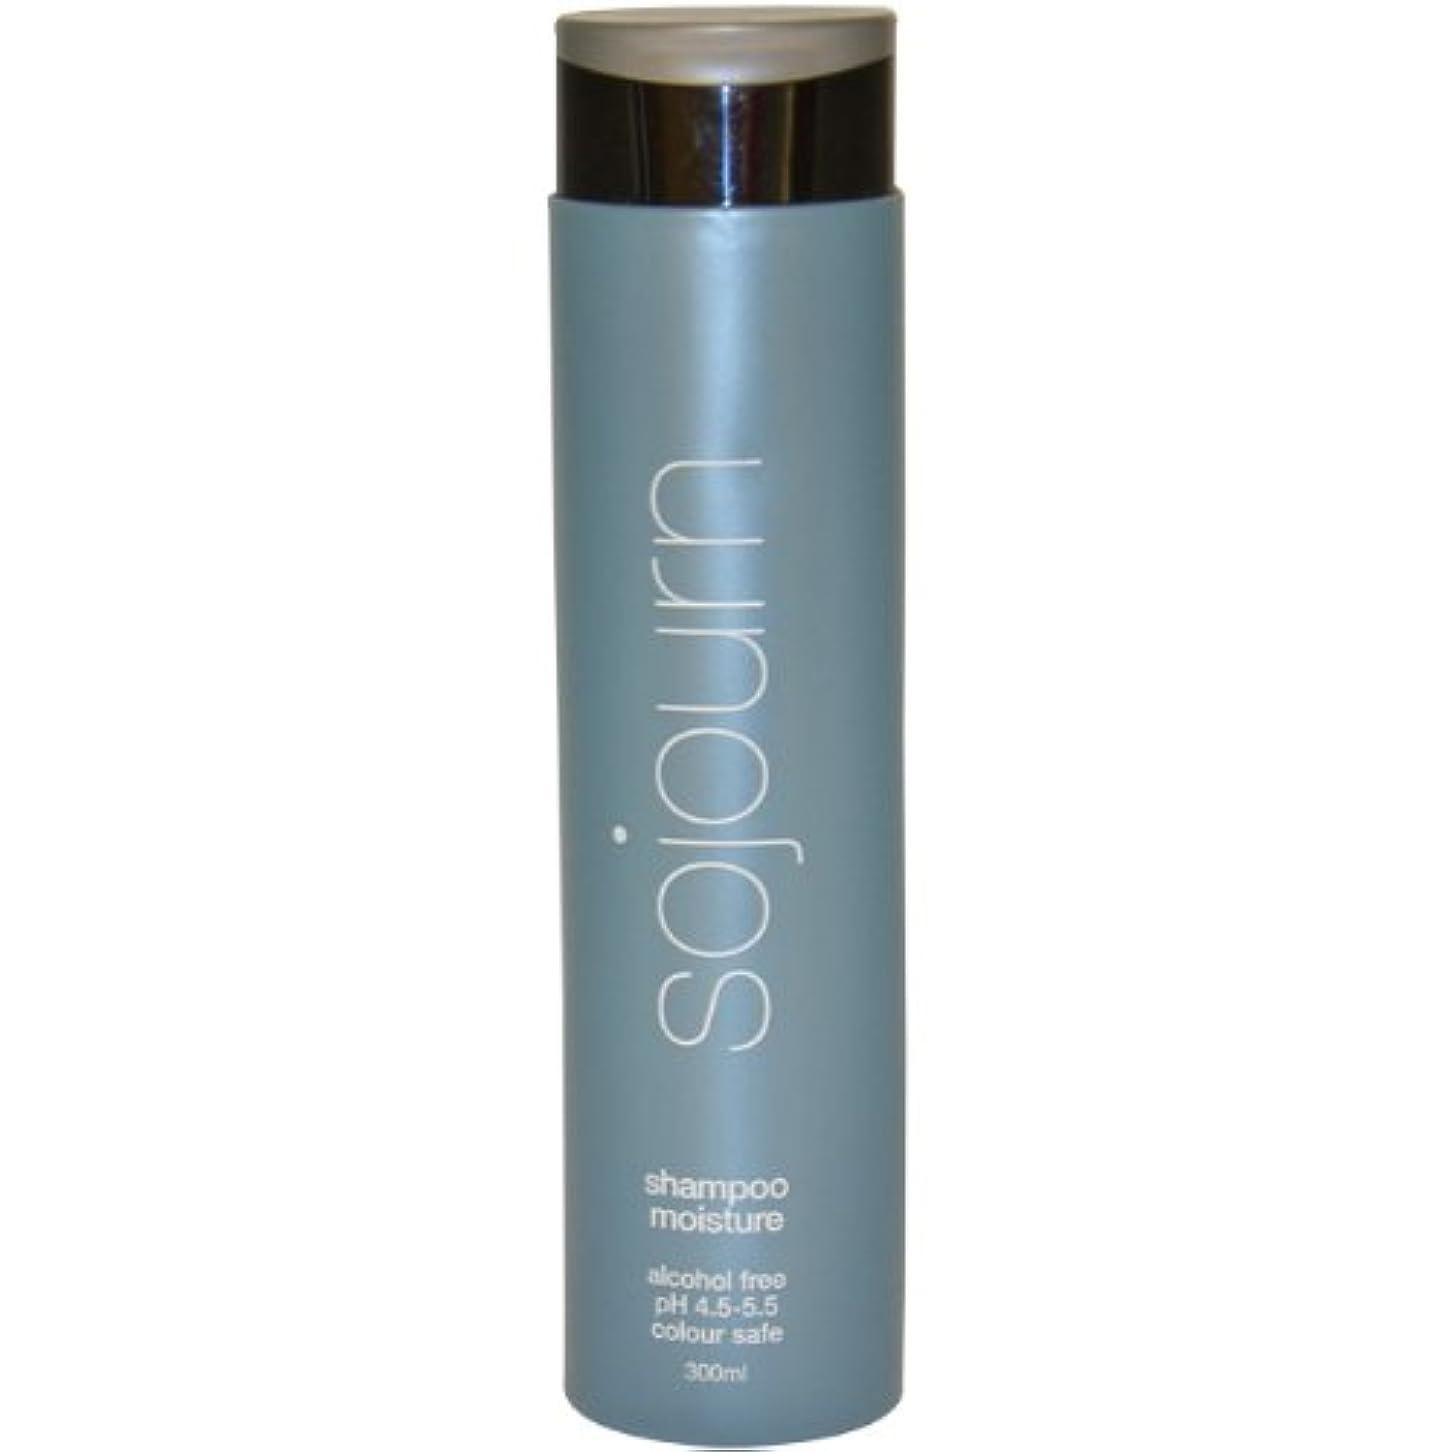 前置詞敵対的発症sojourn ノーマル、ドライ、カーリーまたは厚い毛に最適な水分補給での滞在モイスチャーシャンプー、(300ミリリットル/ 10.1オンス)カラー金庫は、専門のサロンが推奨します 300ミリリットル/ 10.1オンス